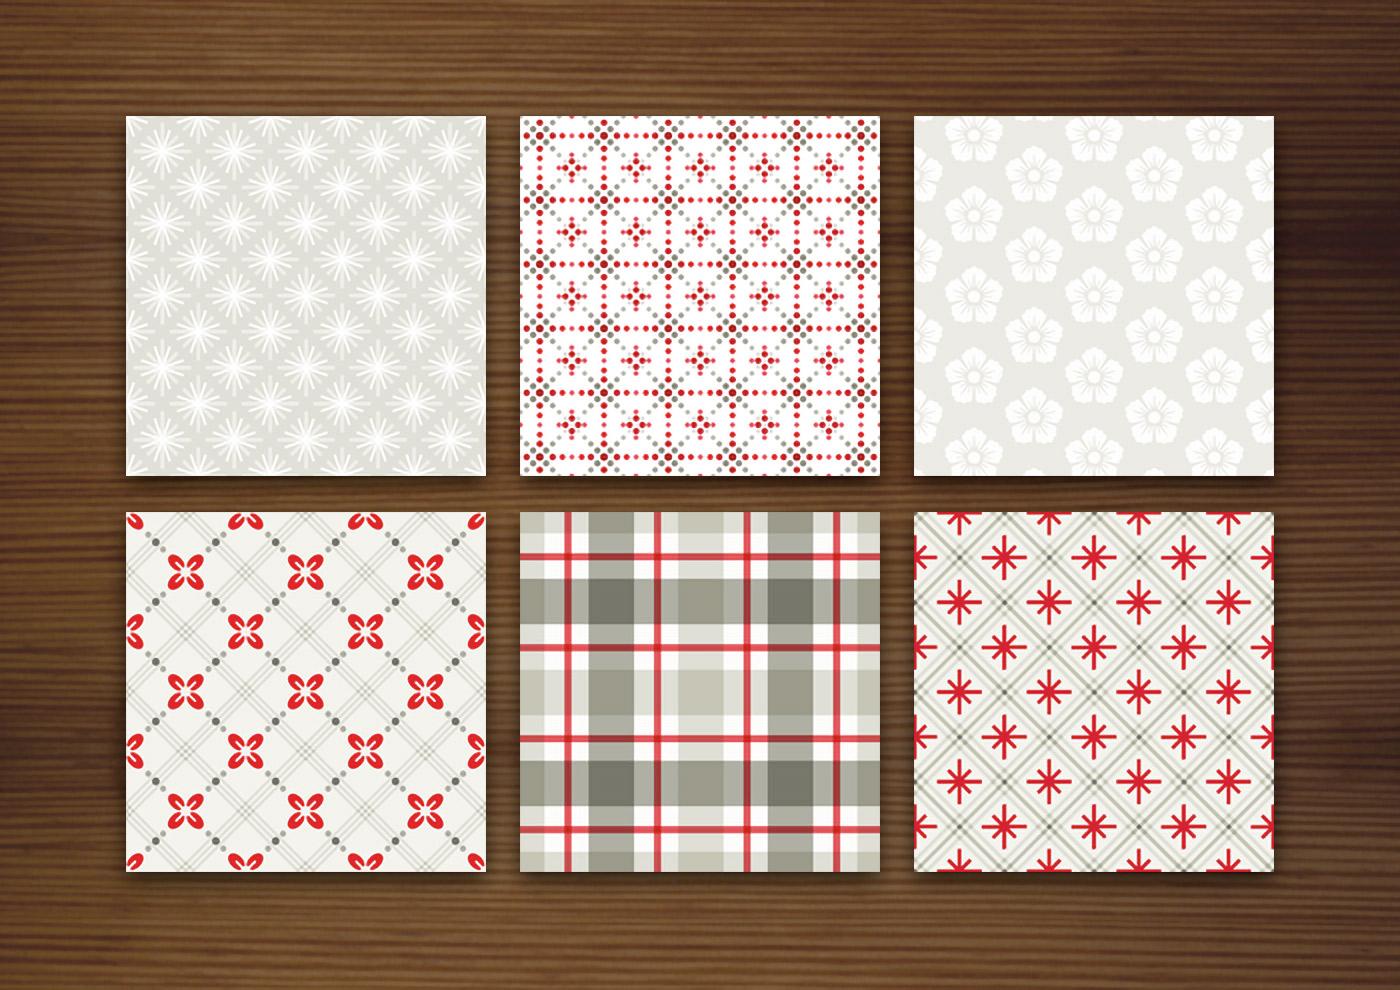 Grafik Design für helle Muster für Stoffe, Tapeten und Papier mit Karos, Sternchen, Beeren und Blumen für Produkte und Aufdrucke